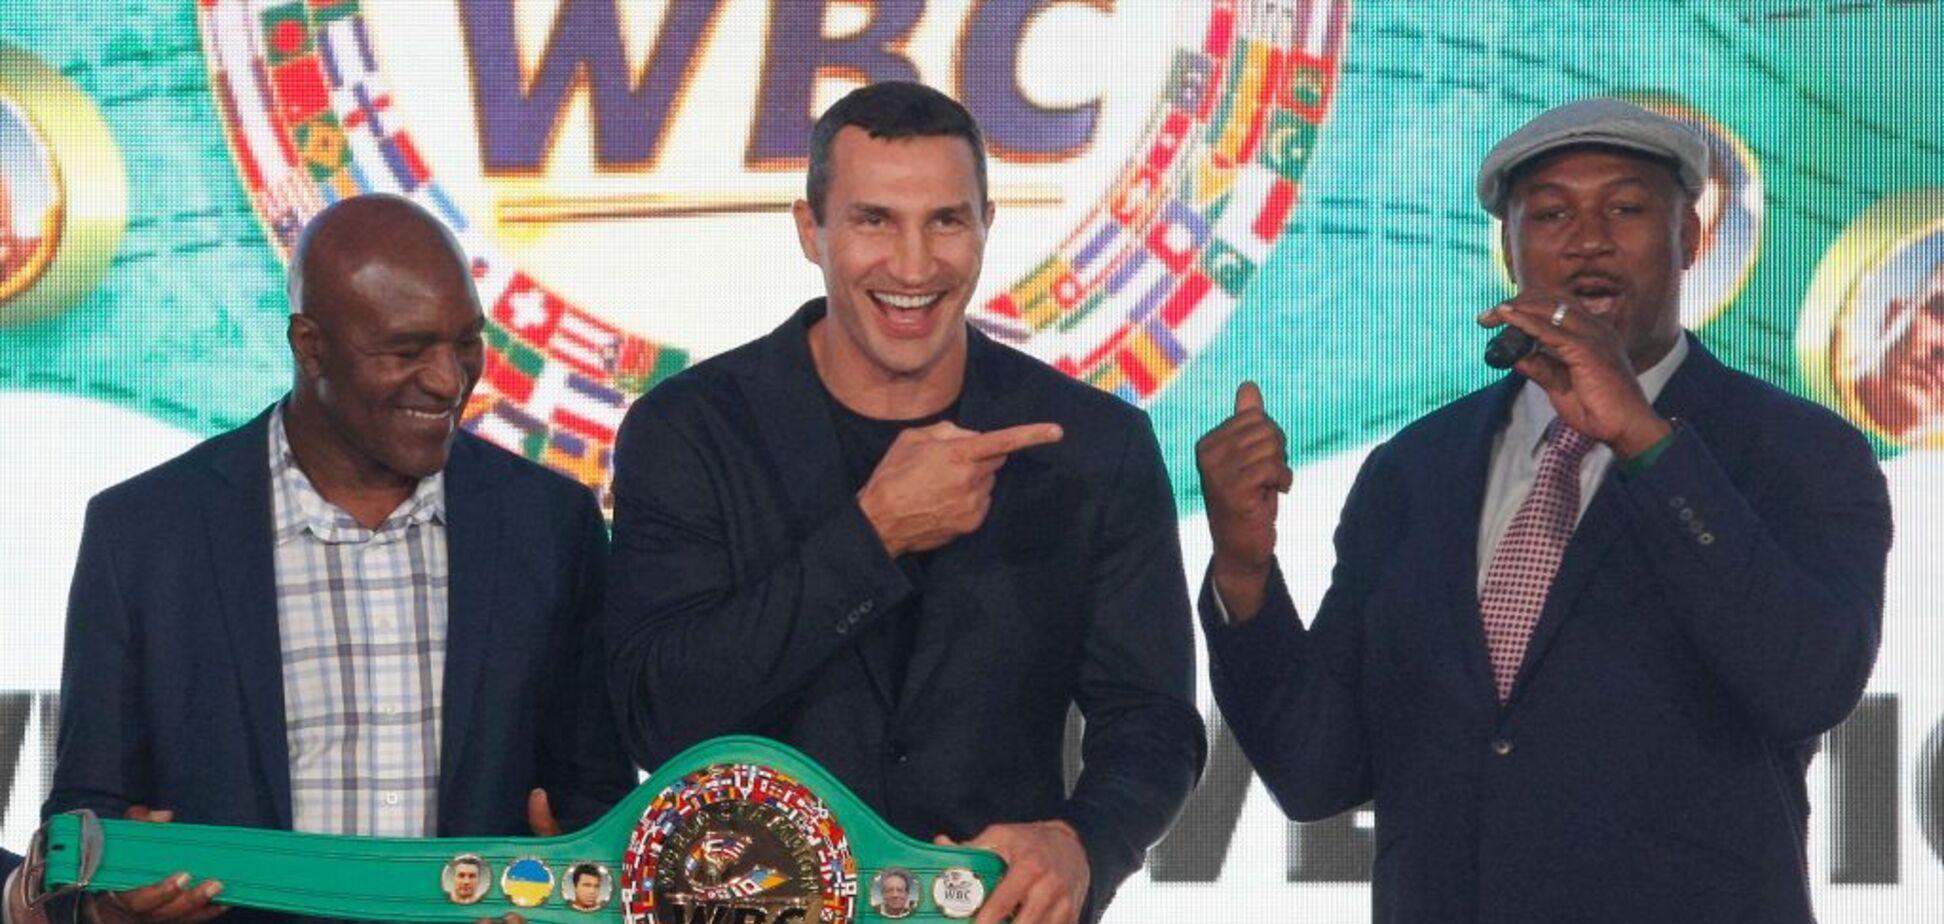 'Мировое признание Украины': экс-чемпионка мира о боксерском топ-событии в Киеве